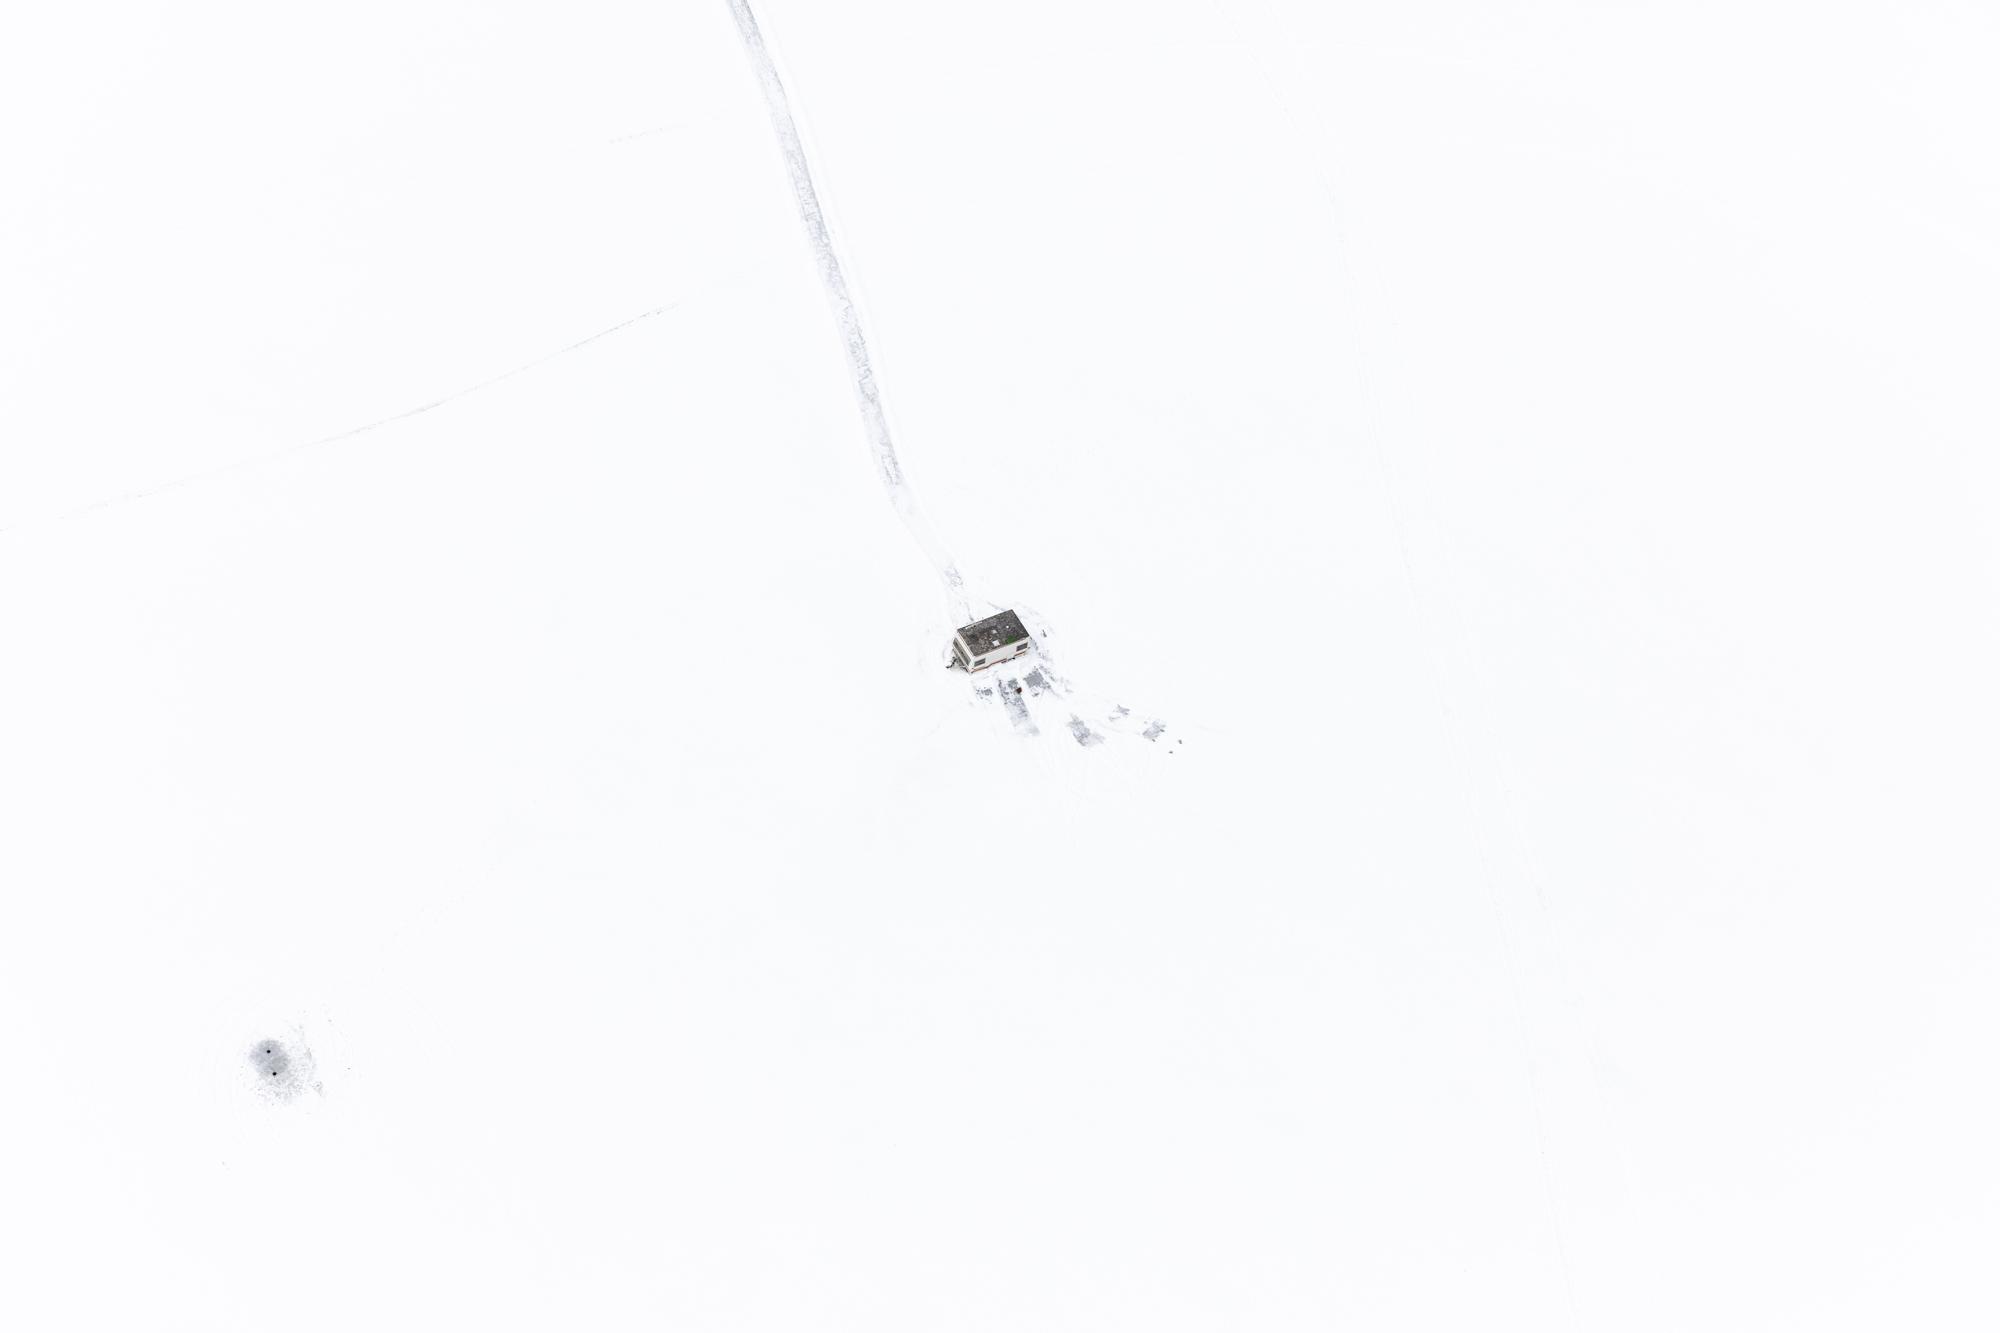 160206_WinterAerials_00390T.JPG